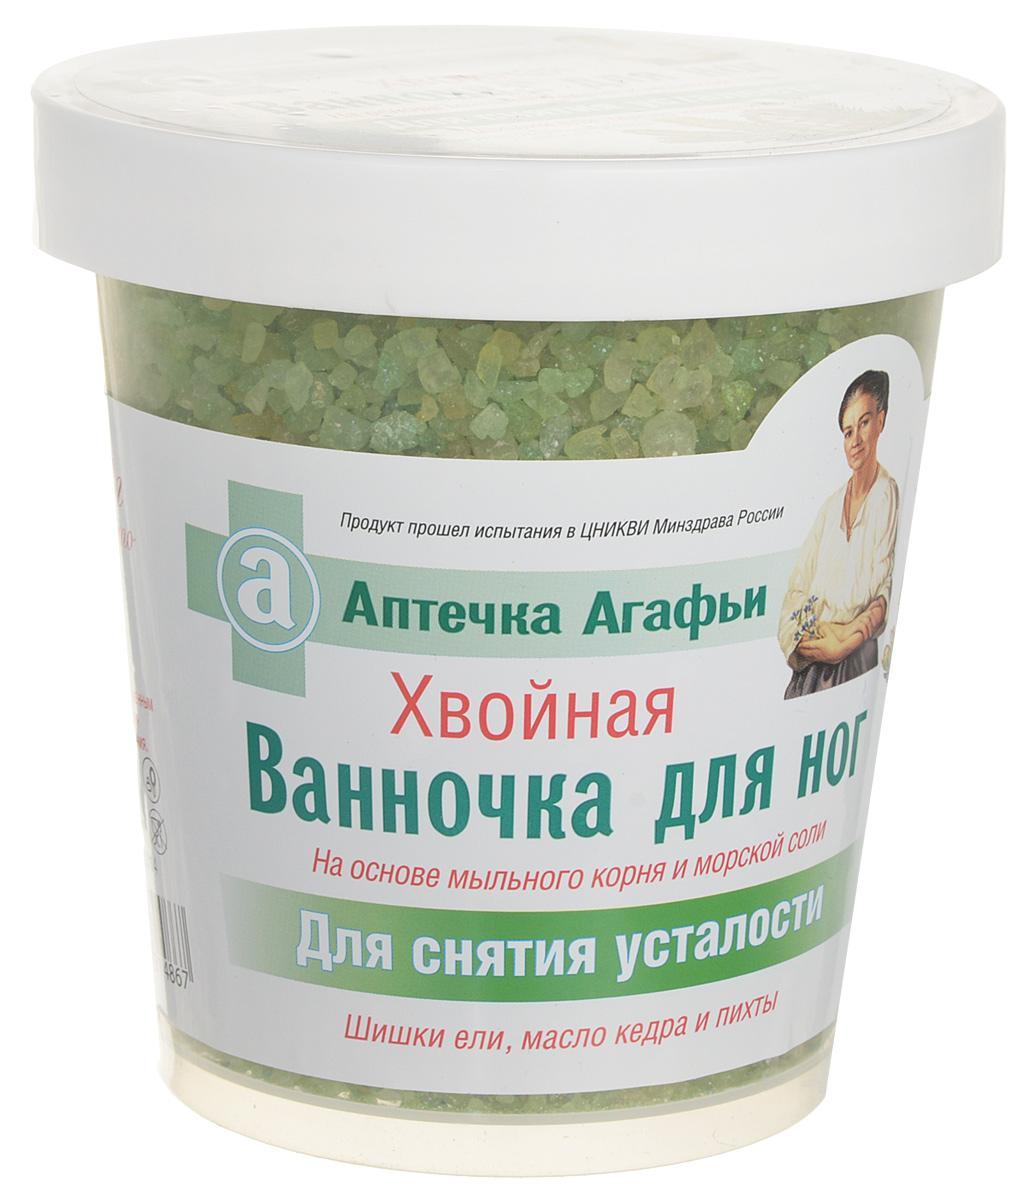 Аптечка Агафьи ванночка для ног Хвойная 600 гр